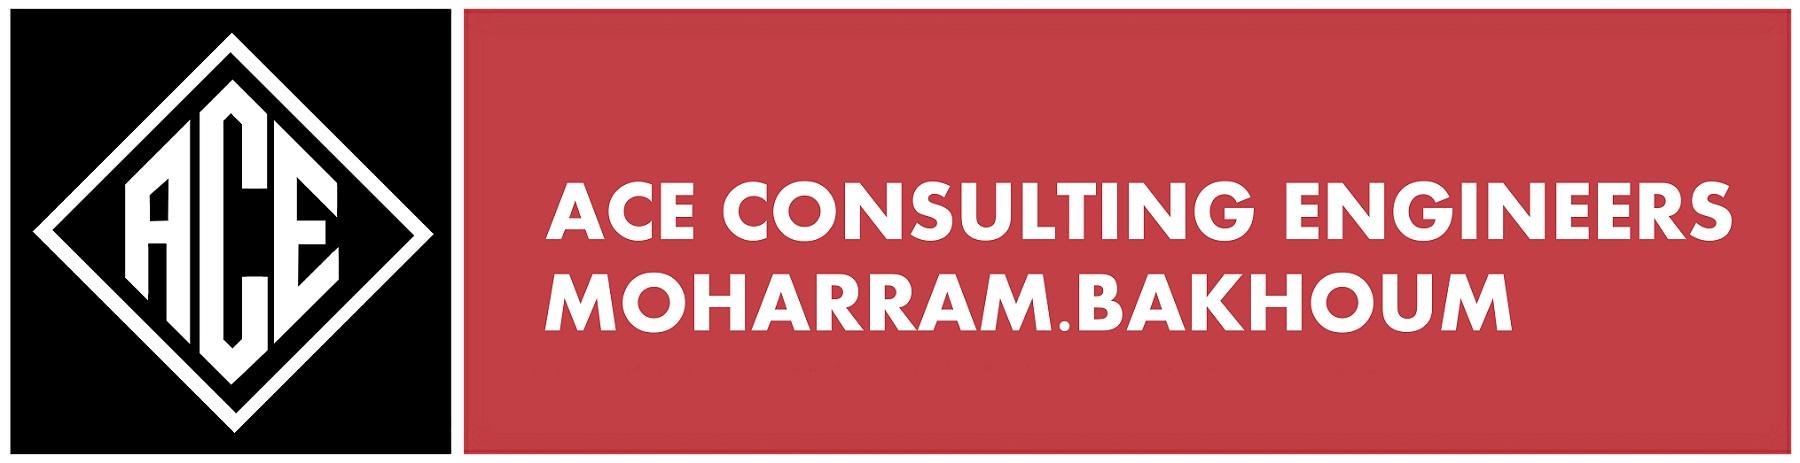 Arab Consulting Engineers ( Moharram-Bakhoum)